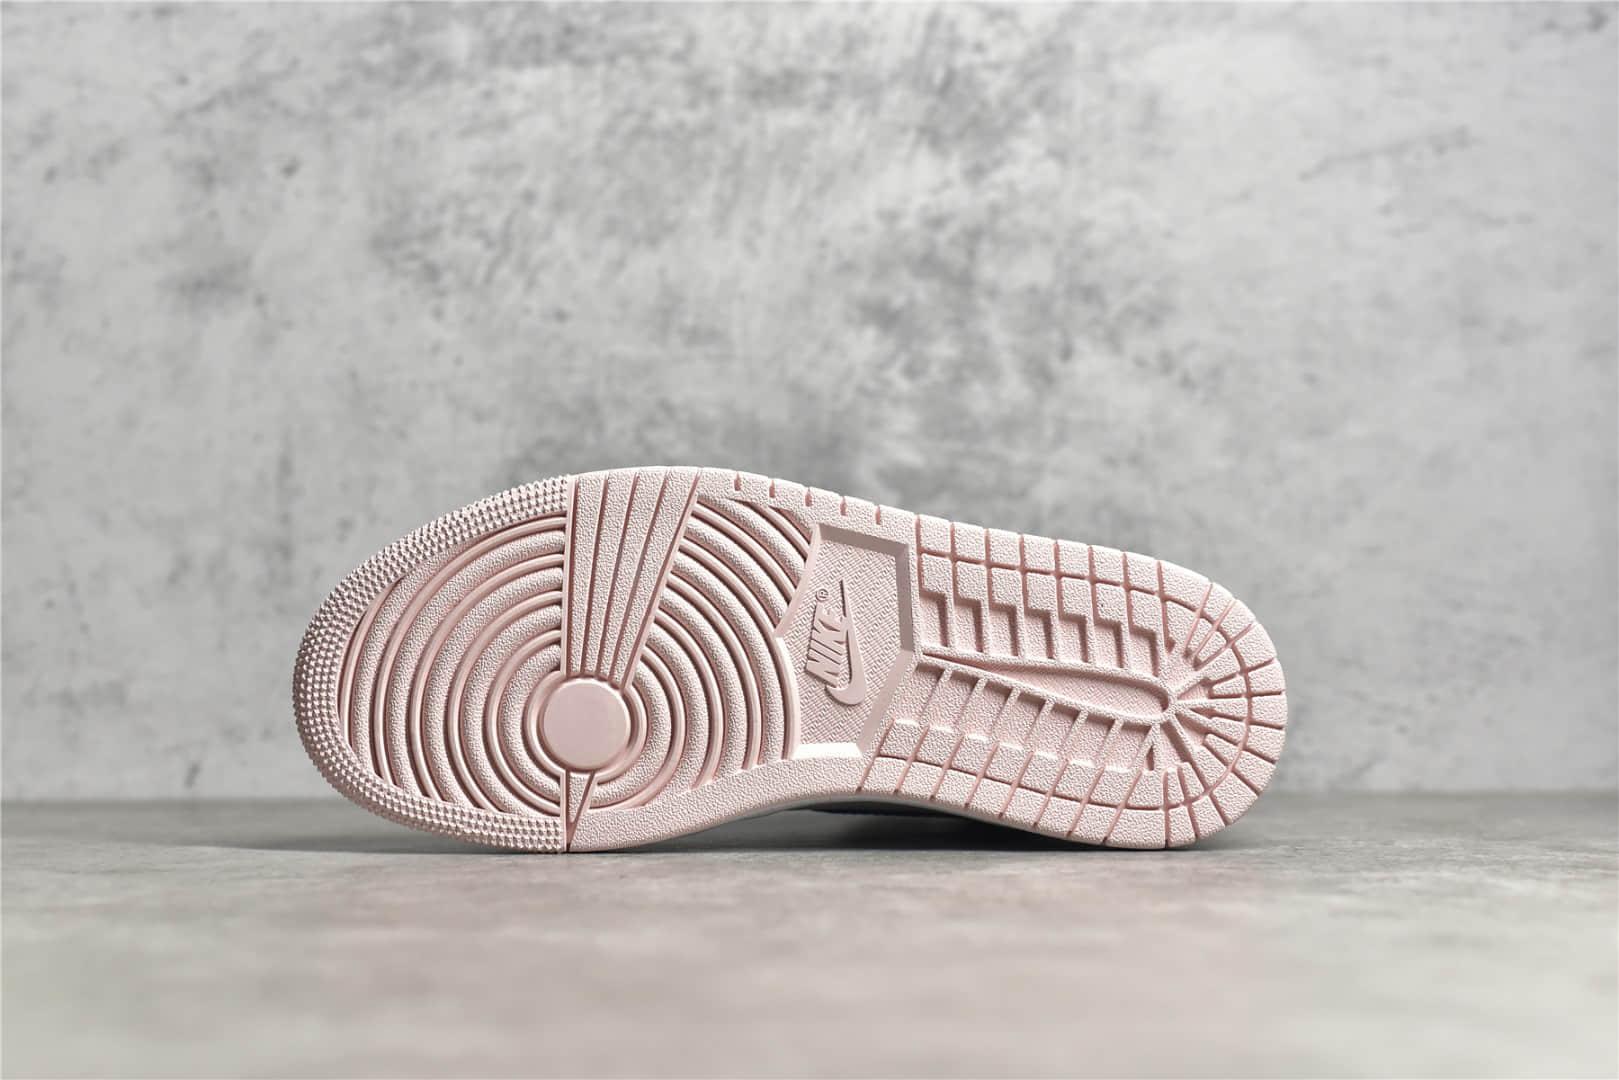 AJ1白蓝粉高帮H12纯原版本 Air Jordan 1 AJ1粉色脚趾 最好的AJ1复刻 货号:DD9335-641-潮流者之家